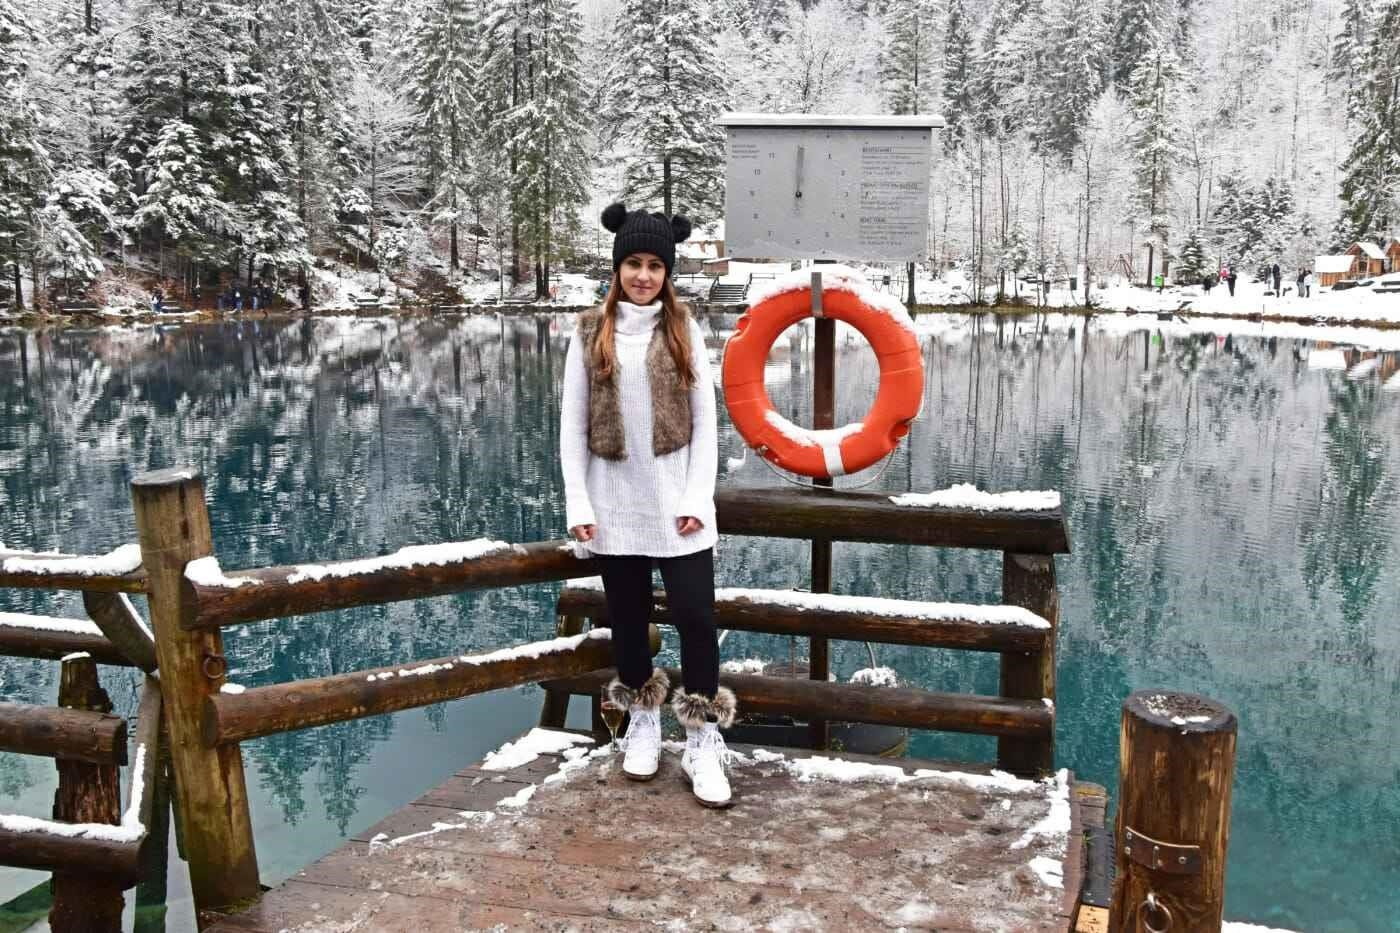 Hồ Blausee cũng là địa điểm lý tưởng để tổ chức các bữa tiệc, đám cưới, chụp ảnh cưới, các sự kiện (câu cá, chiếu phim ngoài trời, hòa nhạc, đón Noel...). Ven và gần hồ có các nhà hàng, khách sạn, spa. Vào mùa đông, một số hoạt động tại đây sẽ bị hạn chế do điều kiện thời tiết. Ảnh: Thechicadvocate